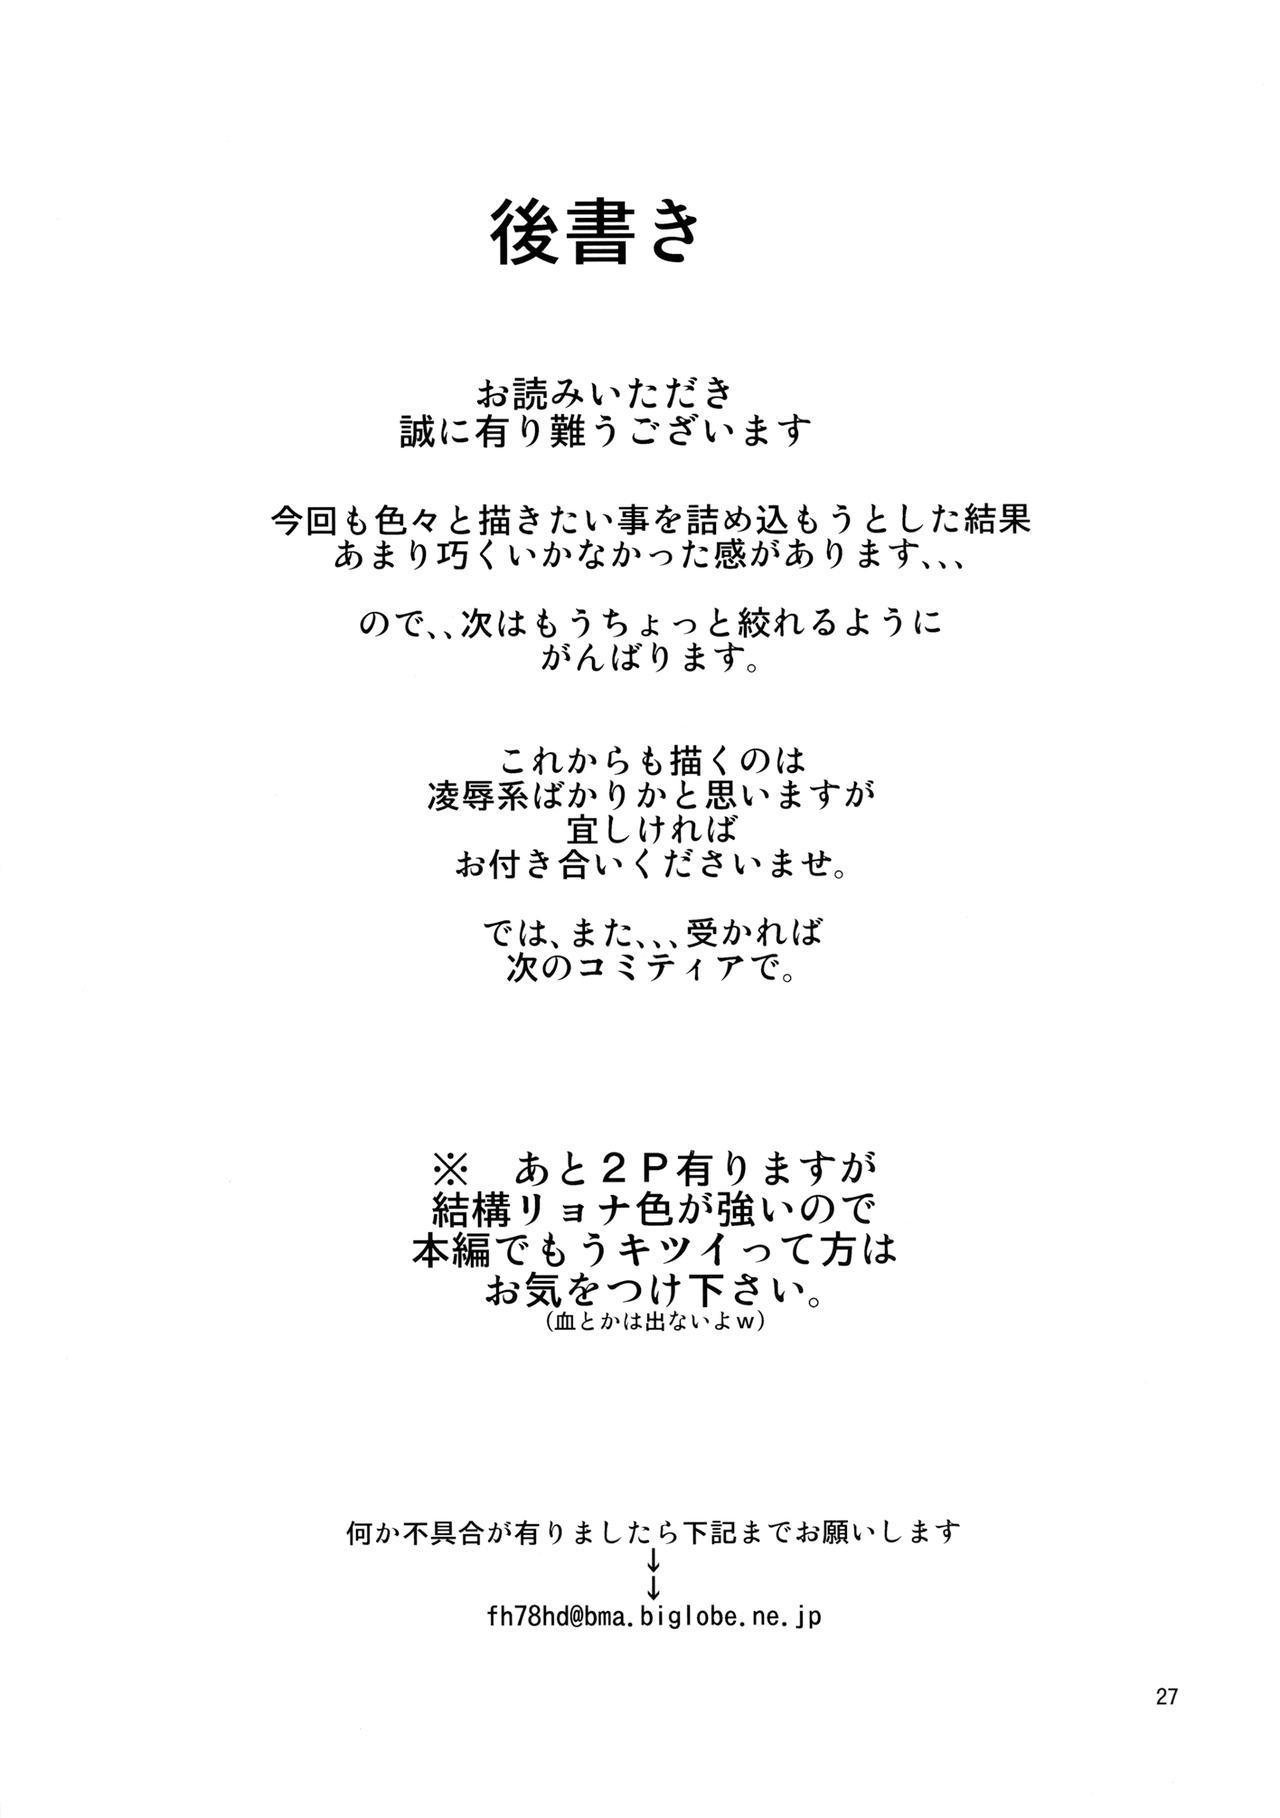 Kodomo Orc ni Kanzen Ochisaserarete Netorareru Mesu Elf 25